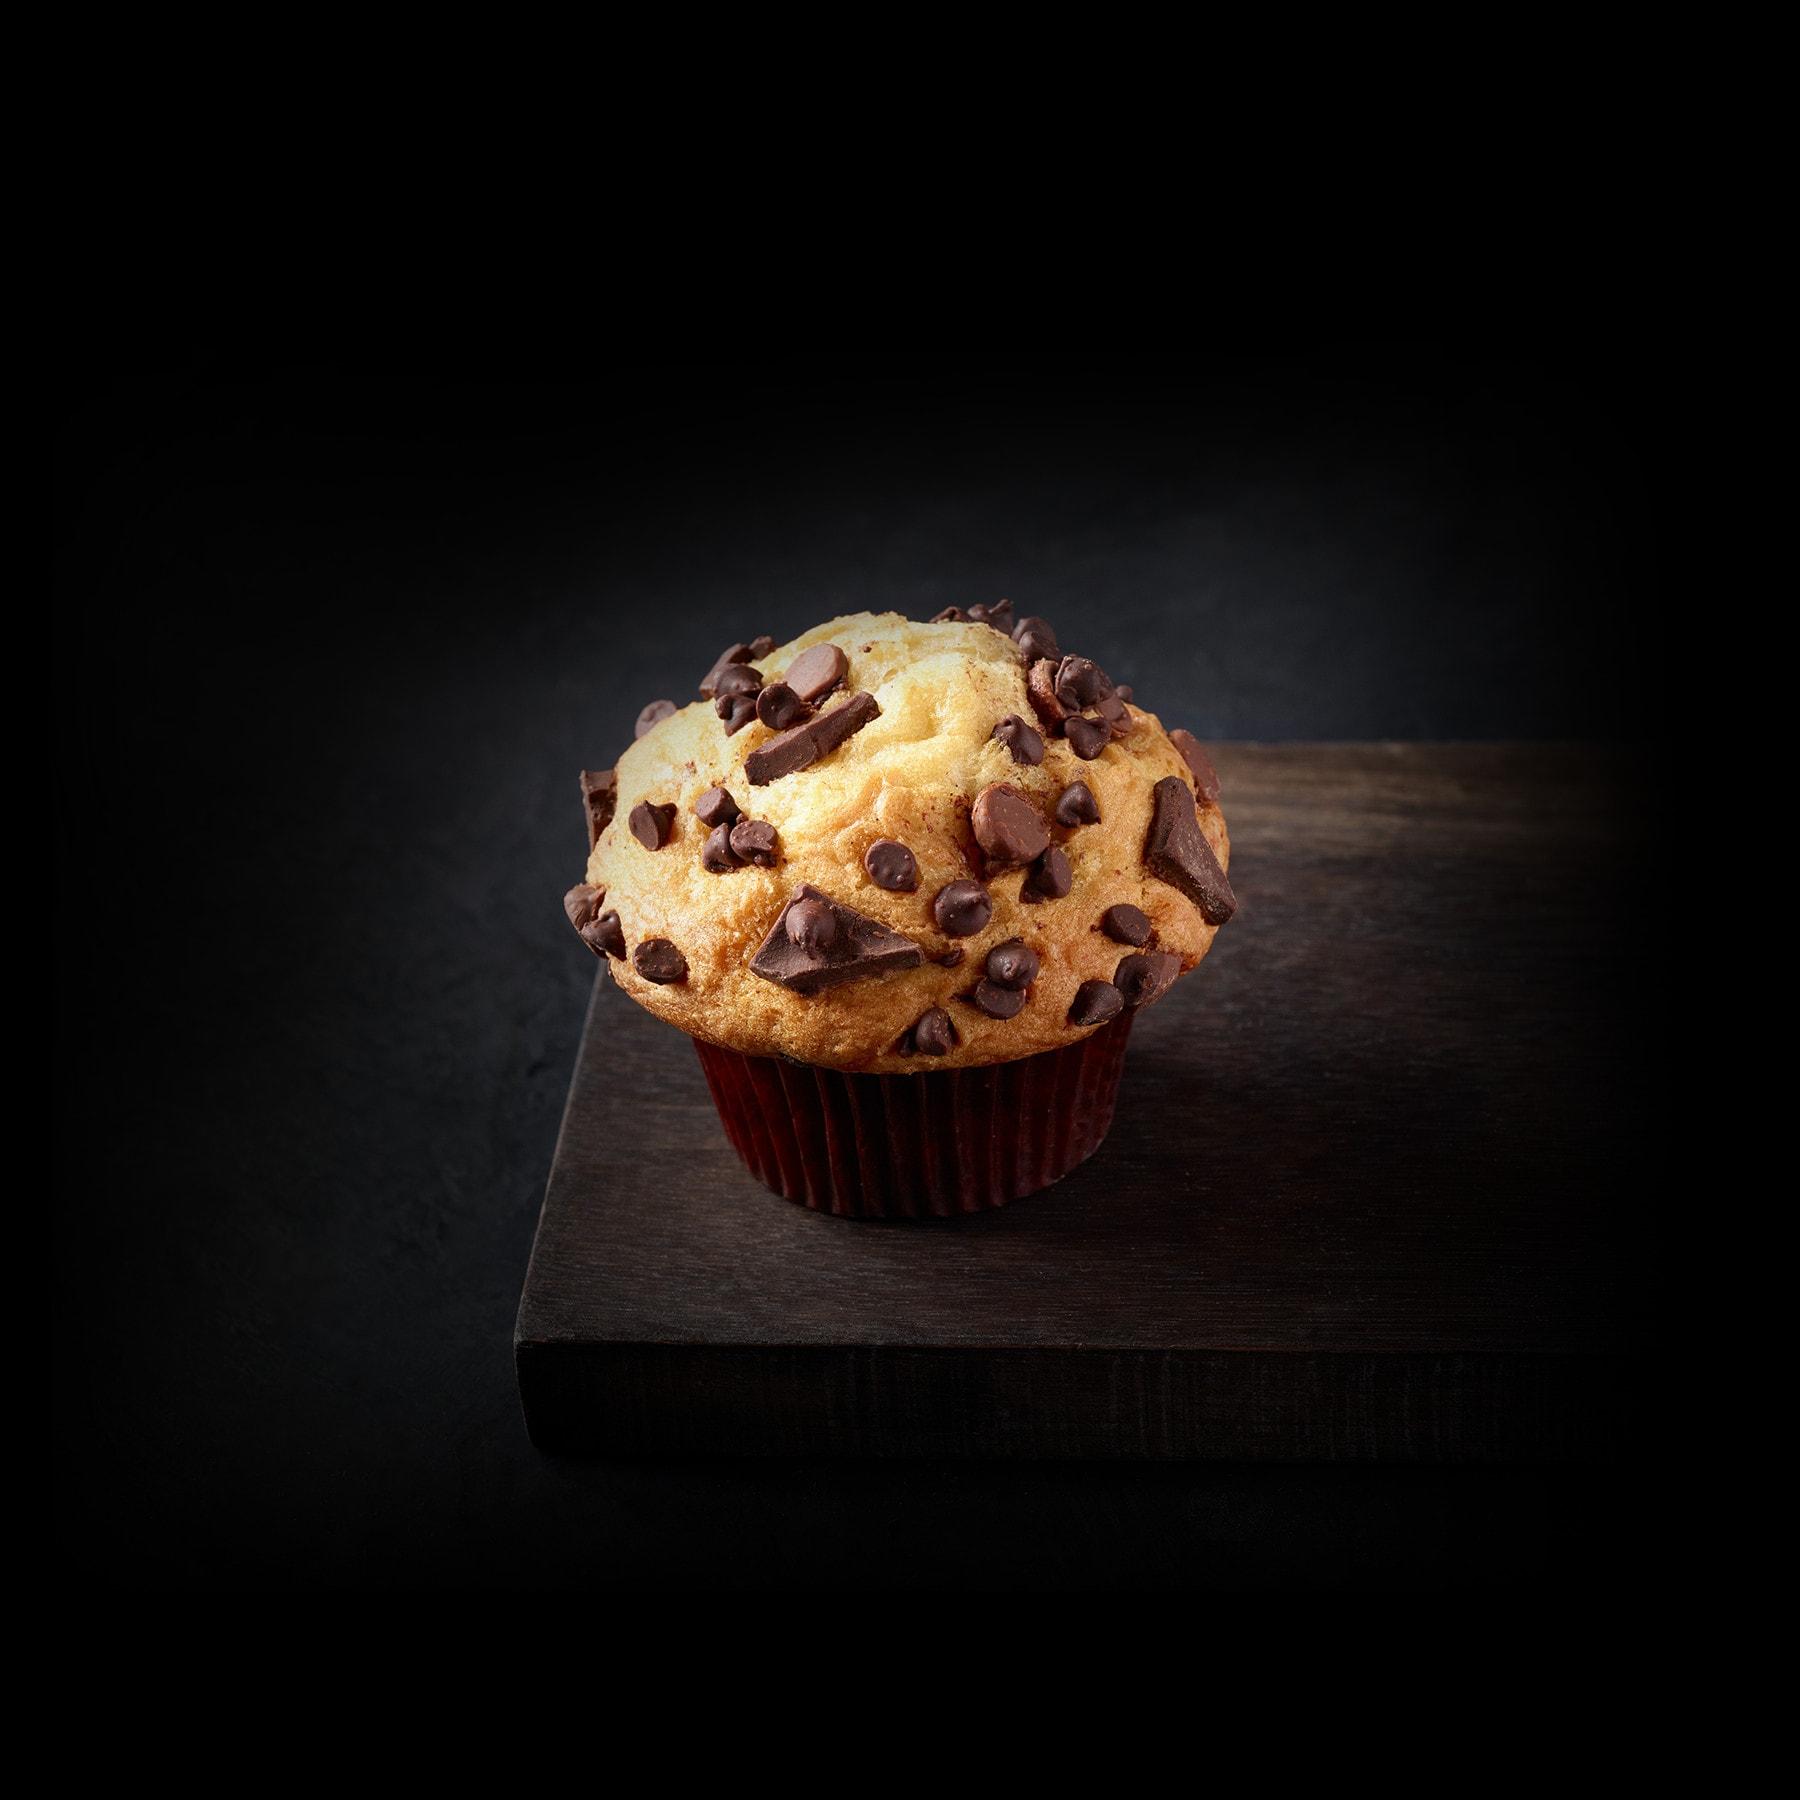 Calories In Chocolate Muffin Starbucks